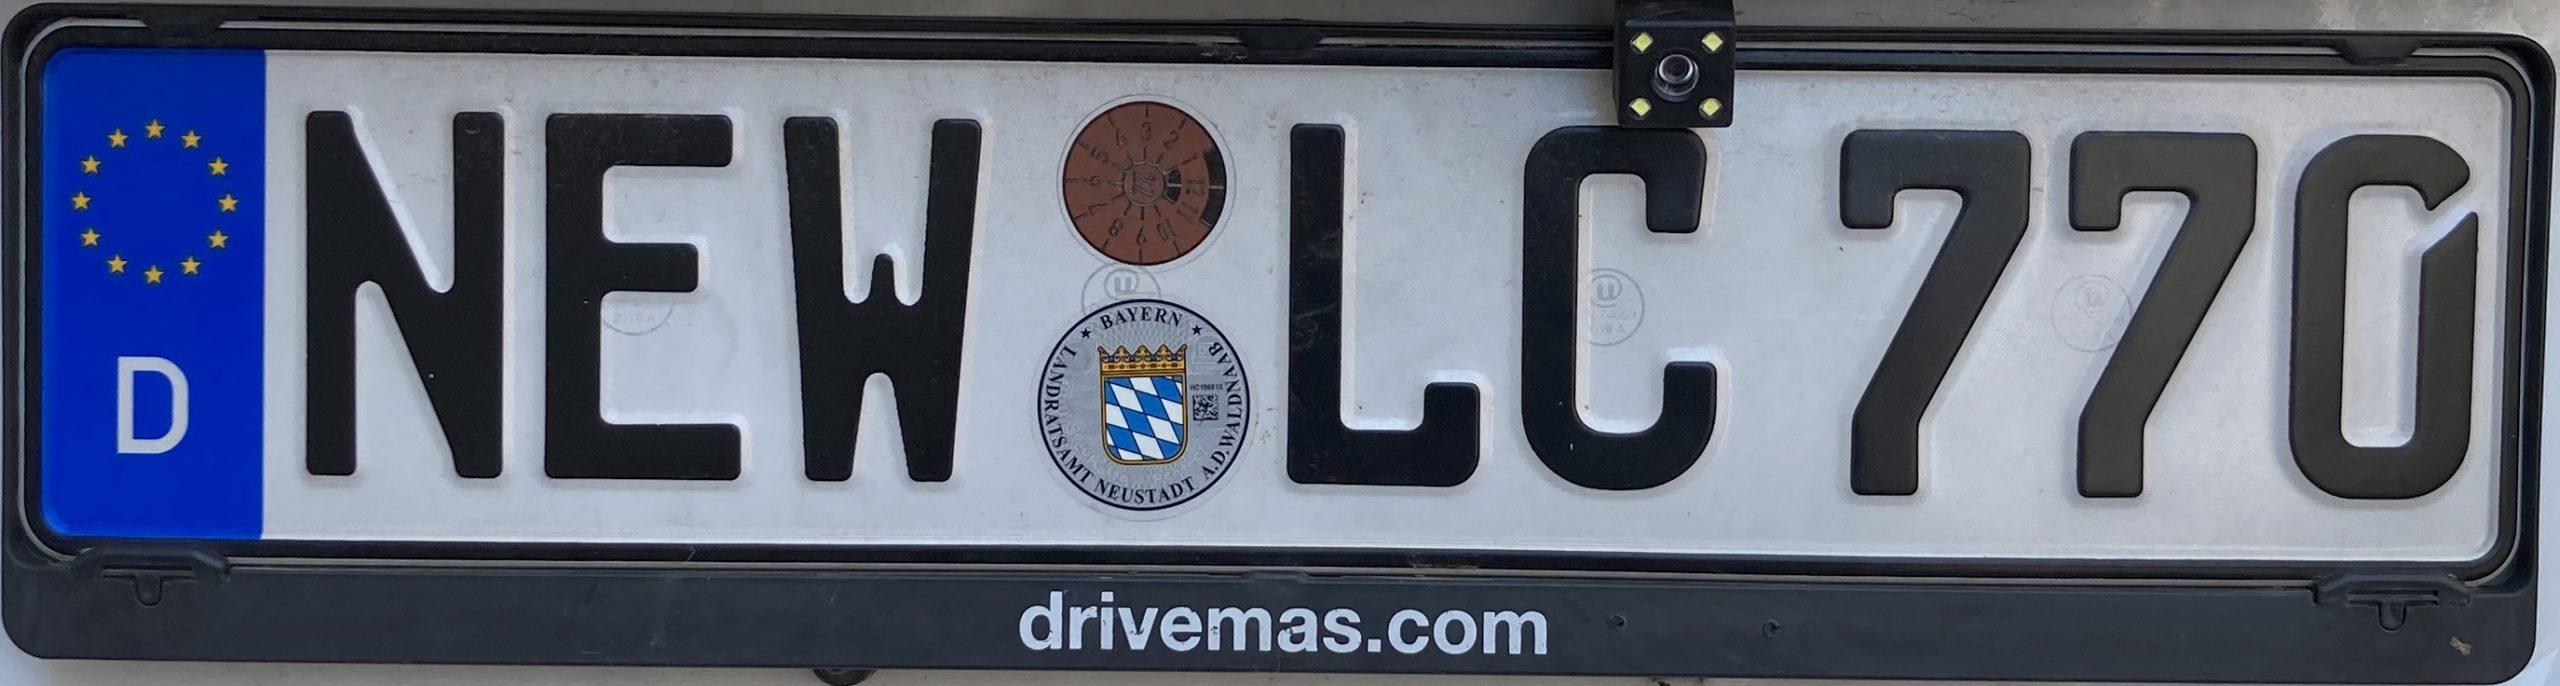 Registrační značky Německo - NEW - Neustadt an der Waldnaab, foto: www.podalnici.cz